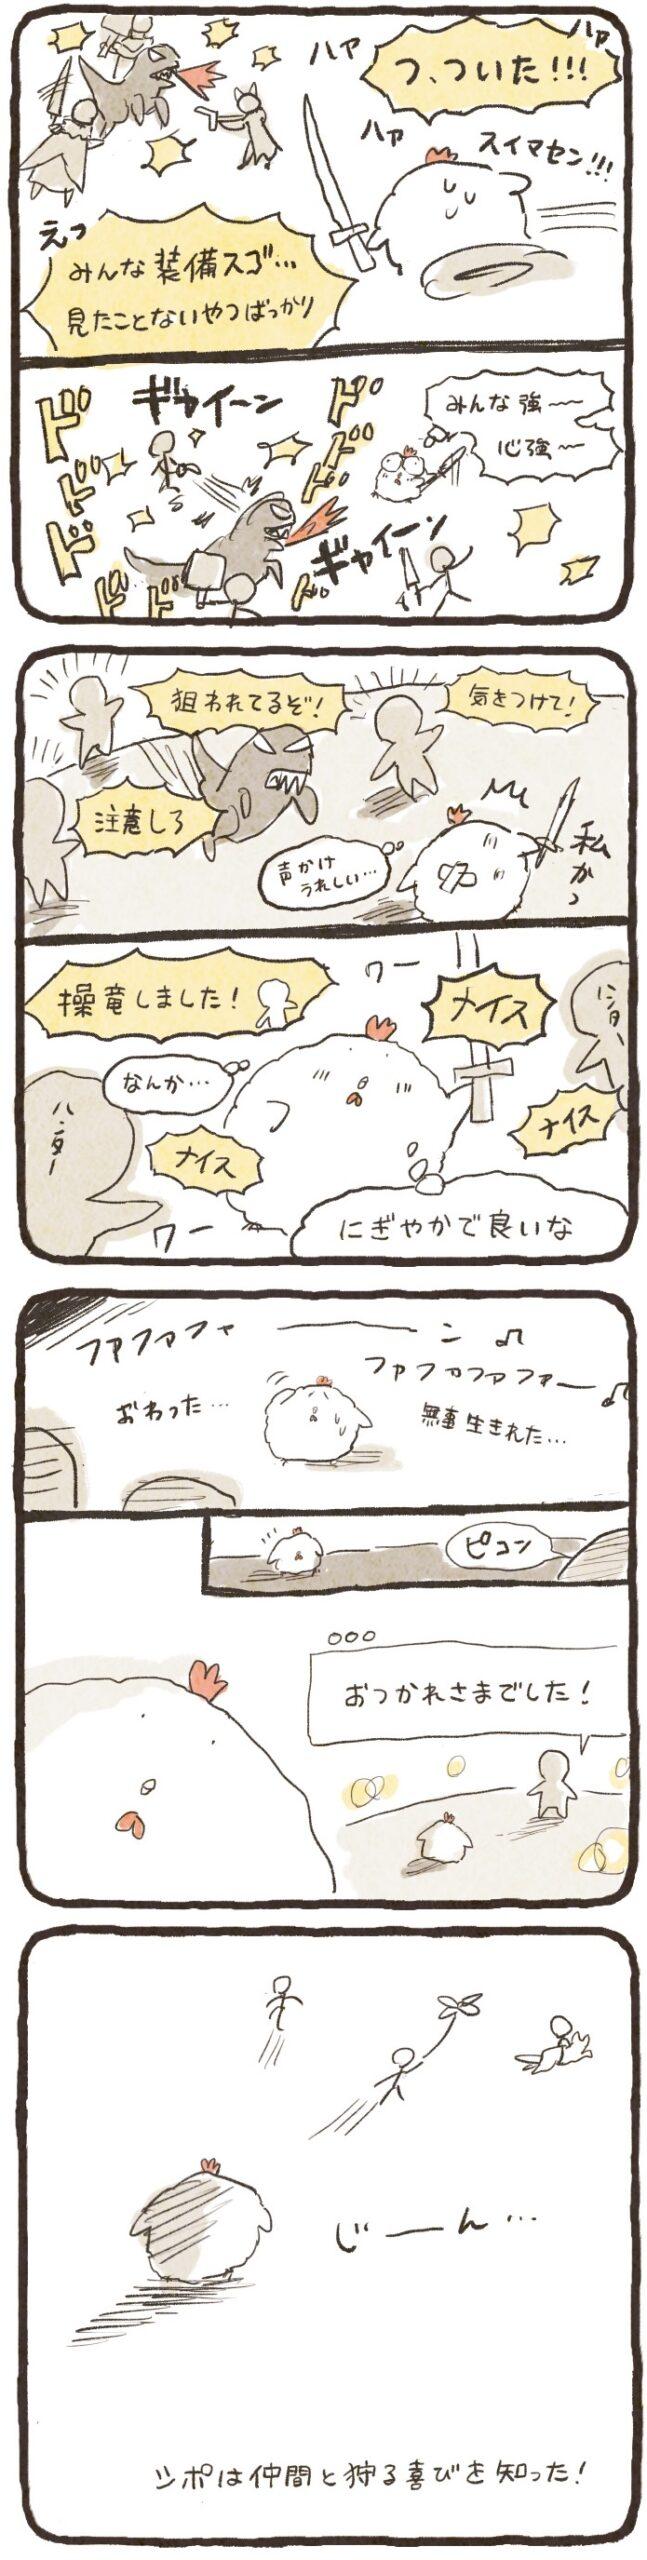 日常漫画_20210730_2